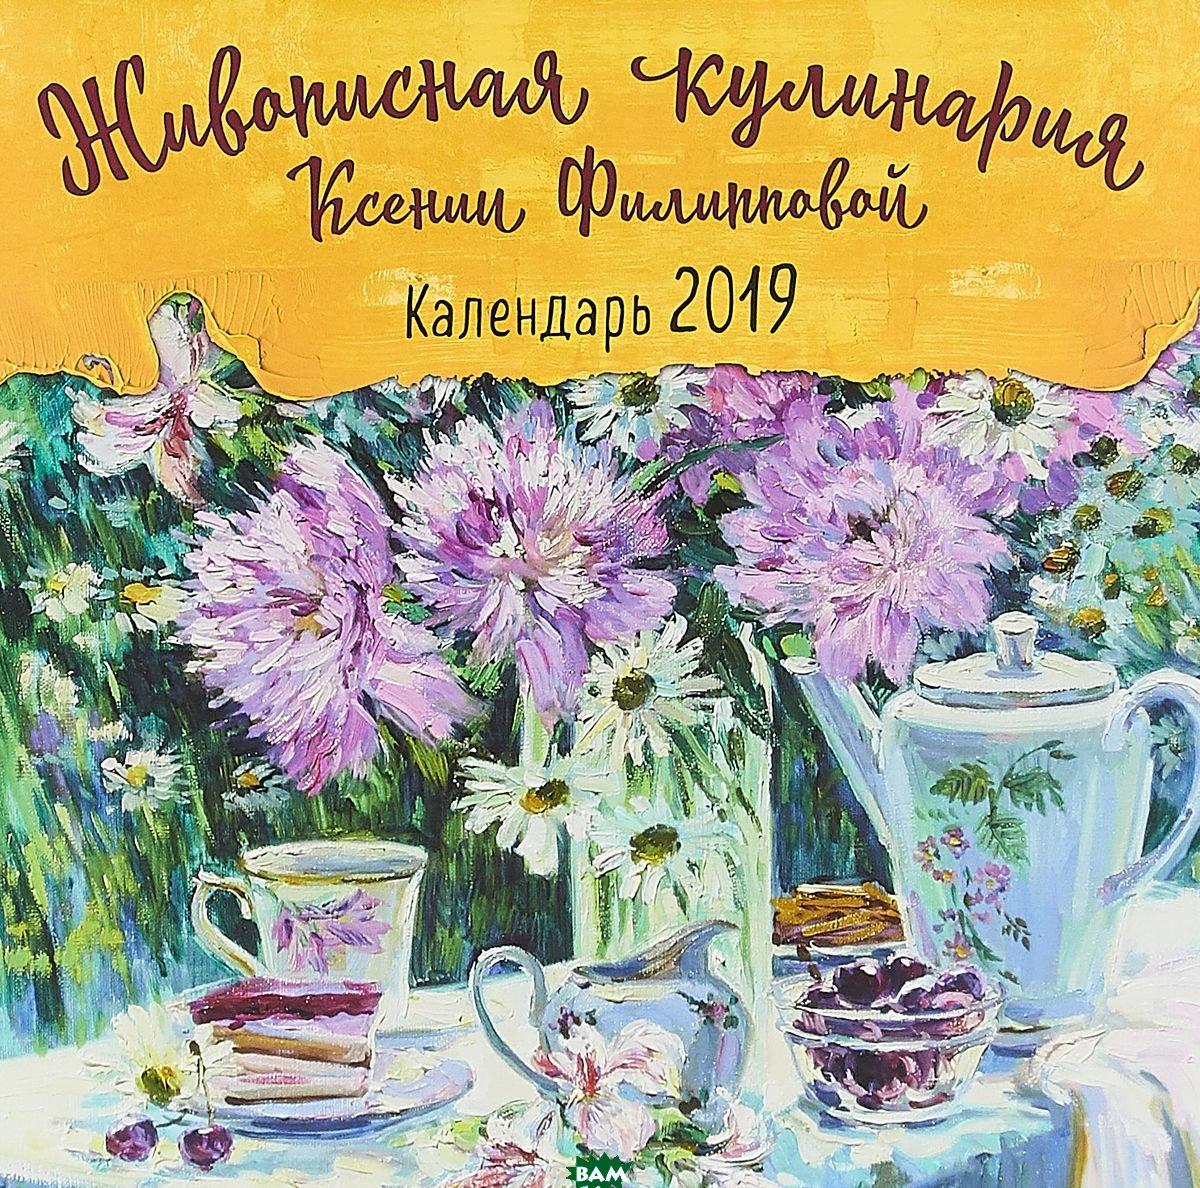 Живописная кулинария Ксении Филипповой. Календарь настенный на 2019 год